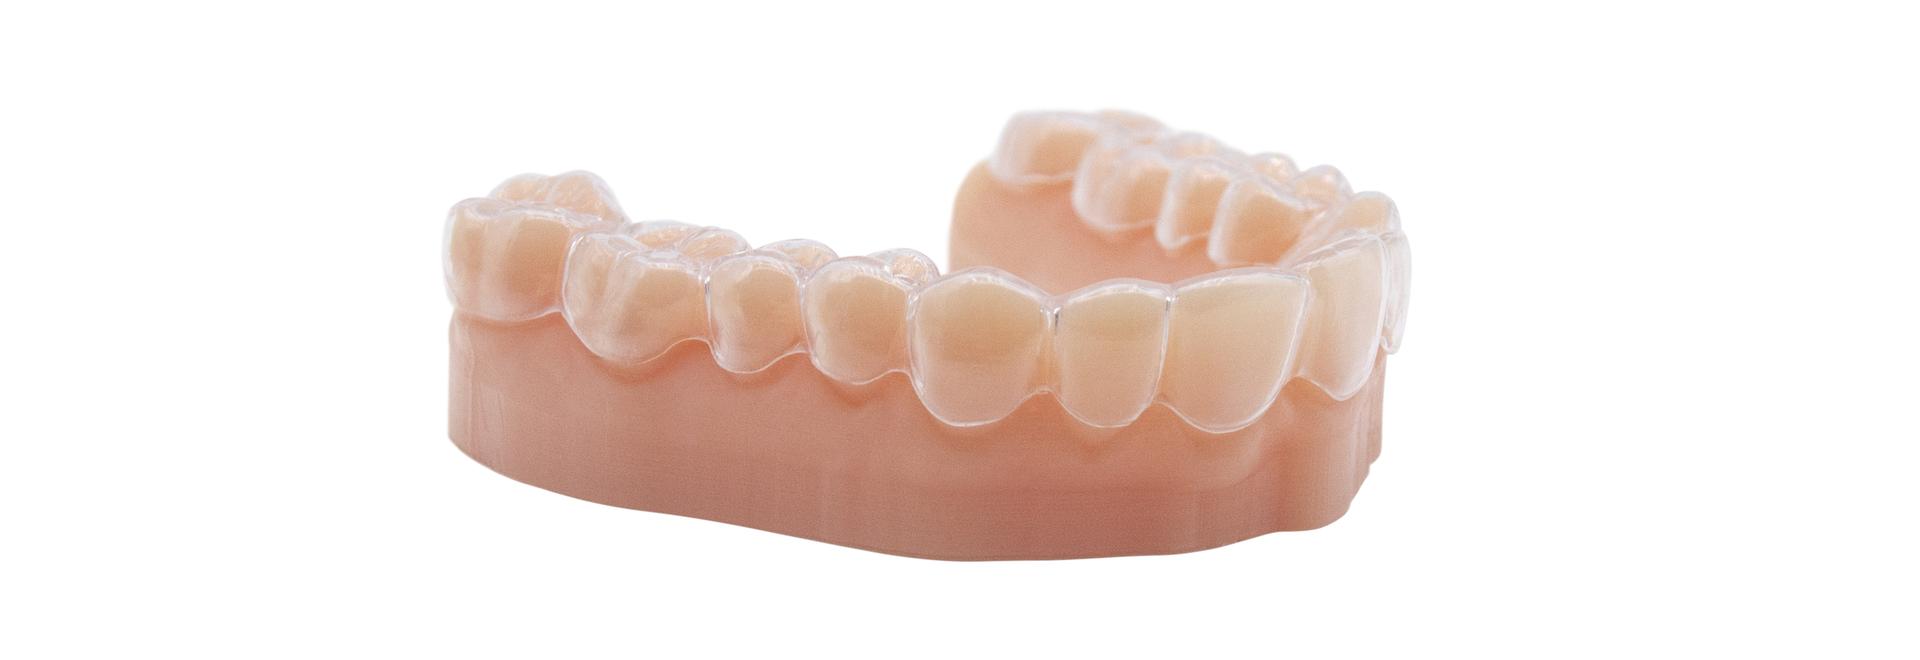 Modello dentale stampato con LD10